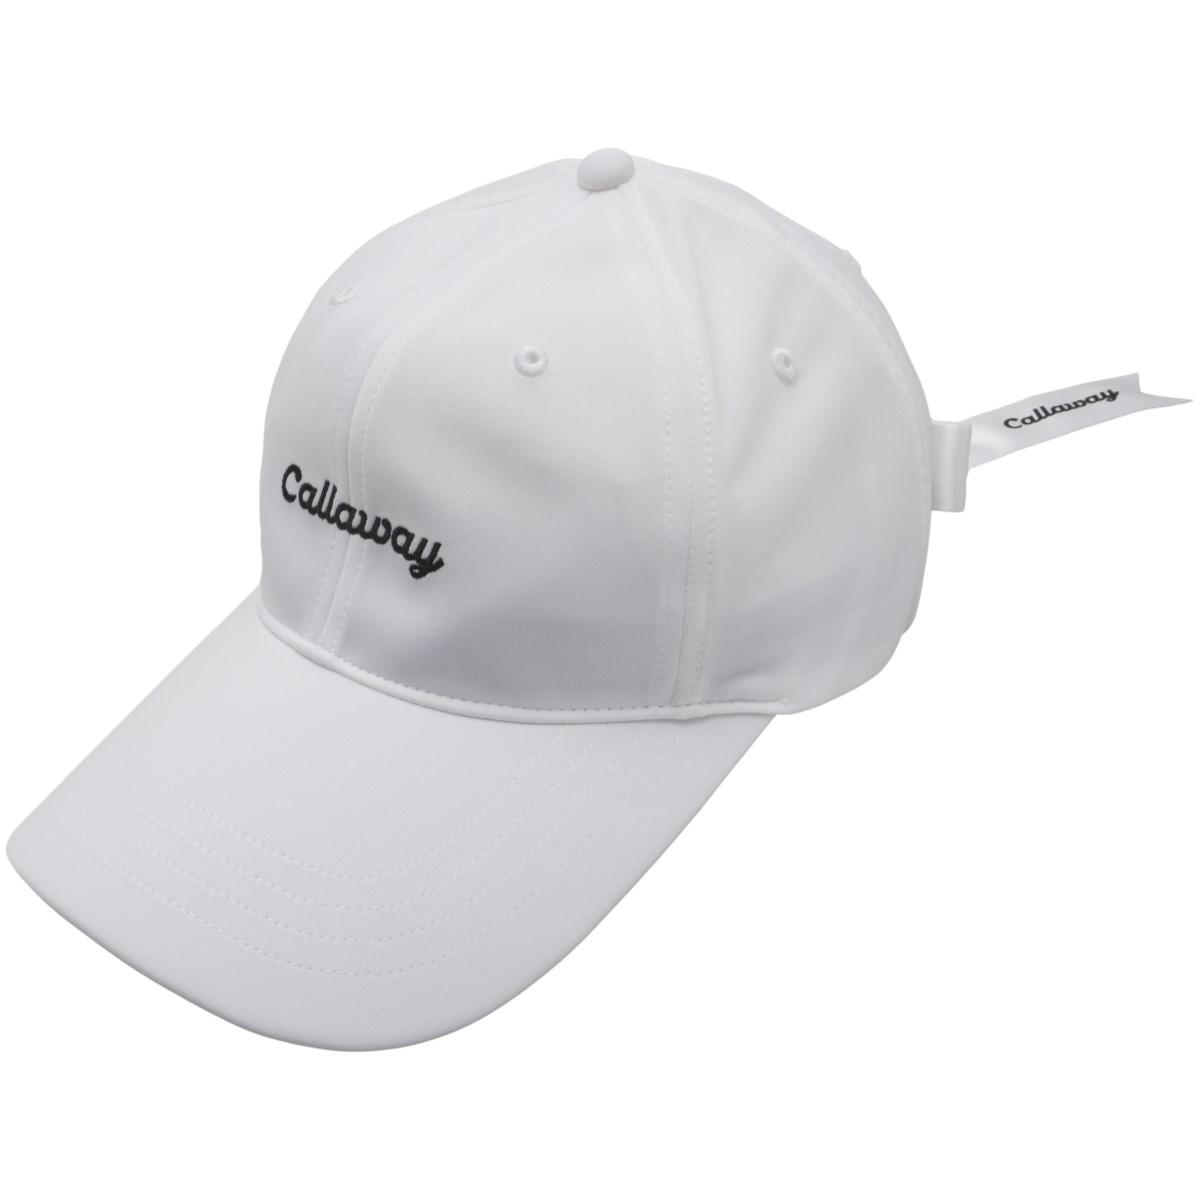 キャロウェイゴルフ Callaway Golf バックリボンキャップ フリー ホワイト 030 レディス